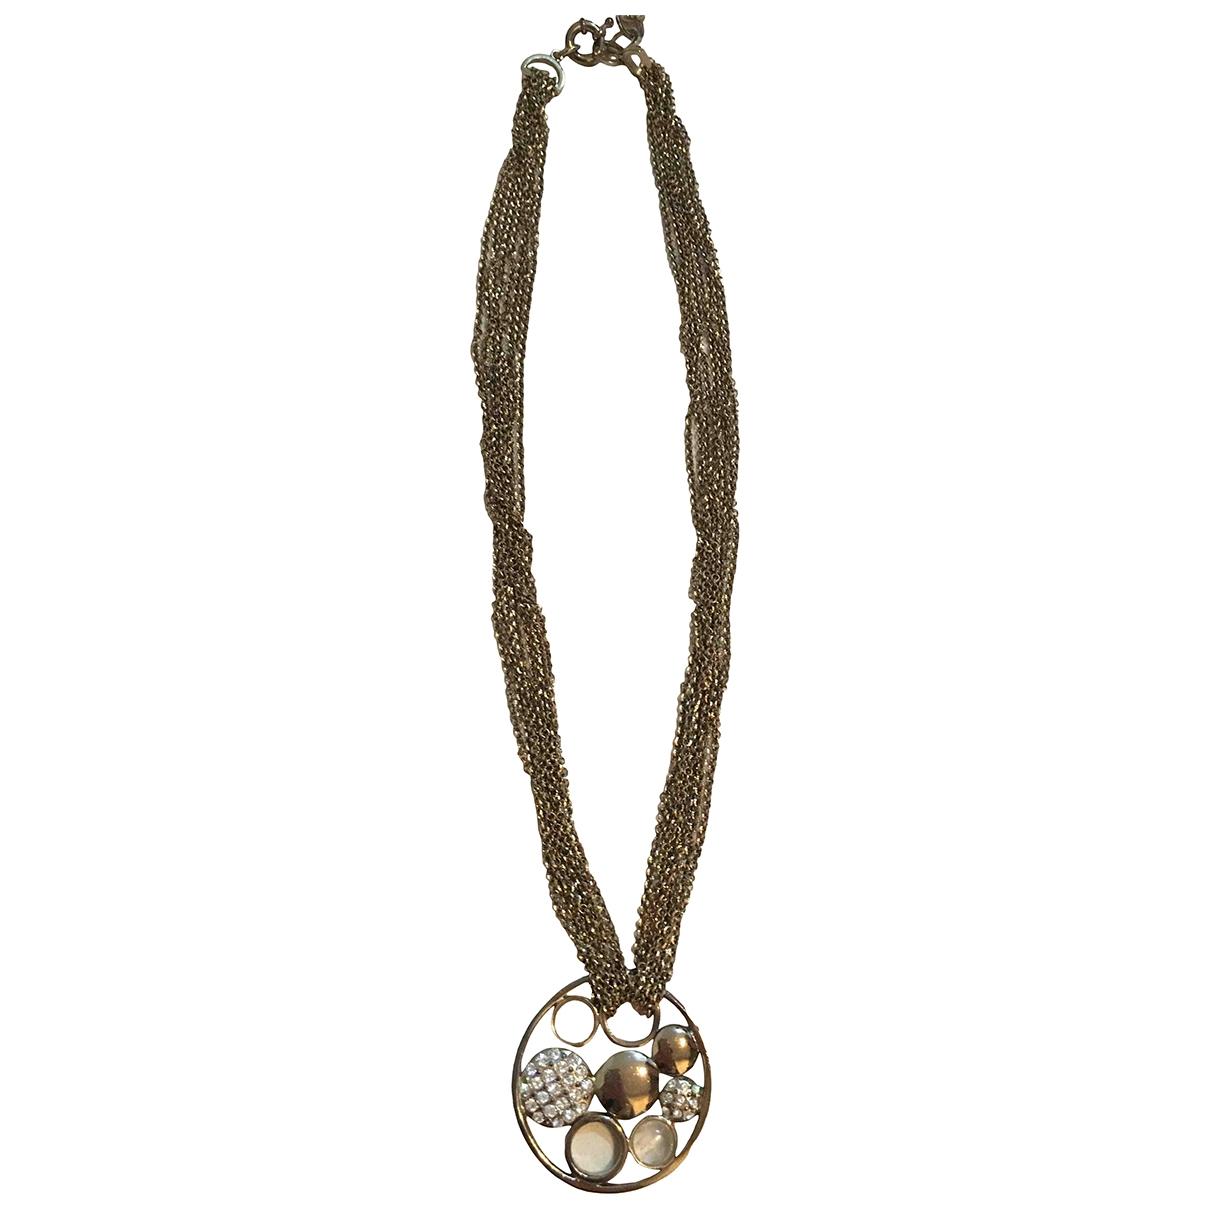 Collar Dyrberg/kern